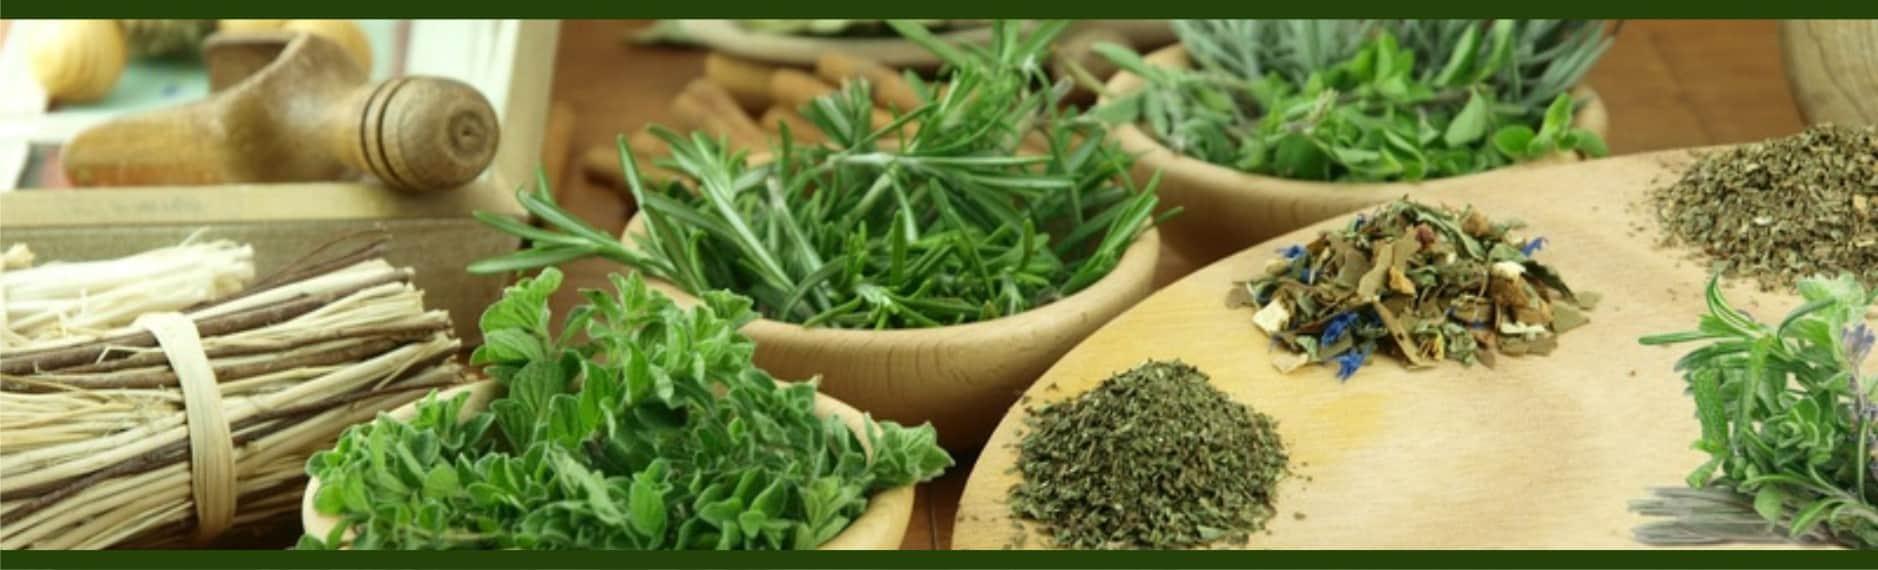 مراكز لطب الأعشاب في الأردن